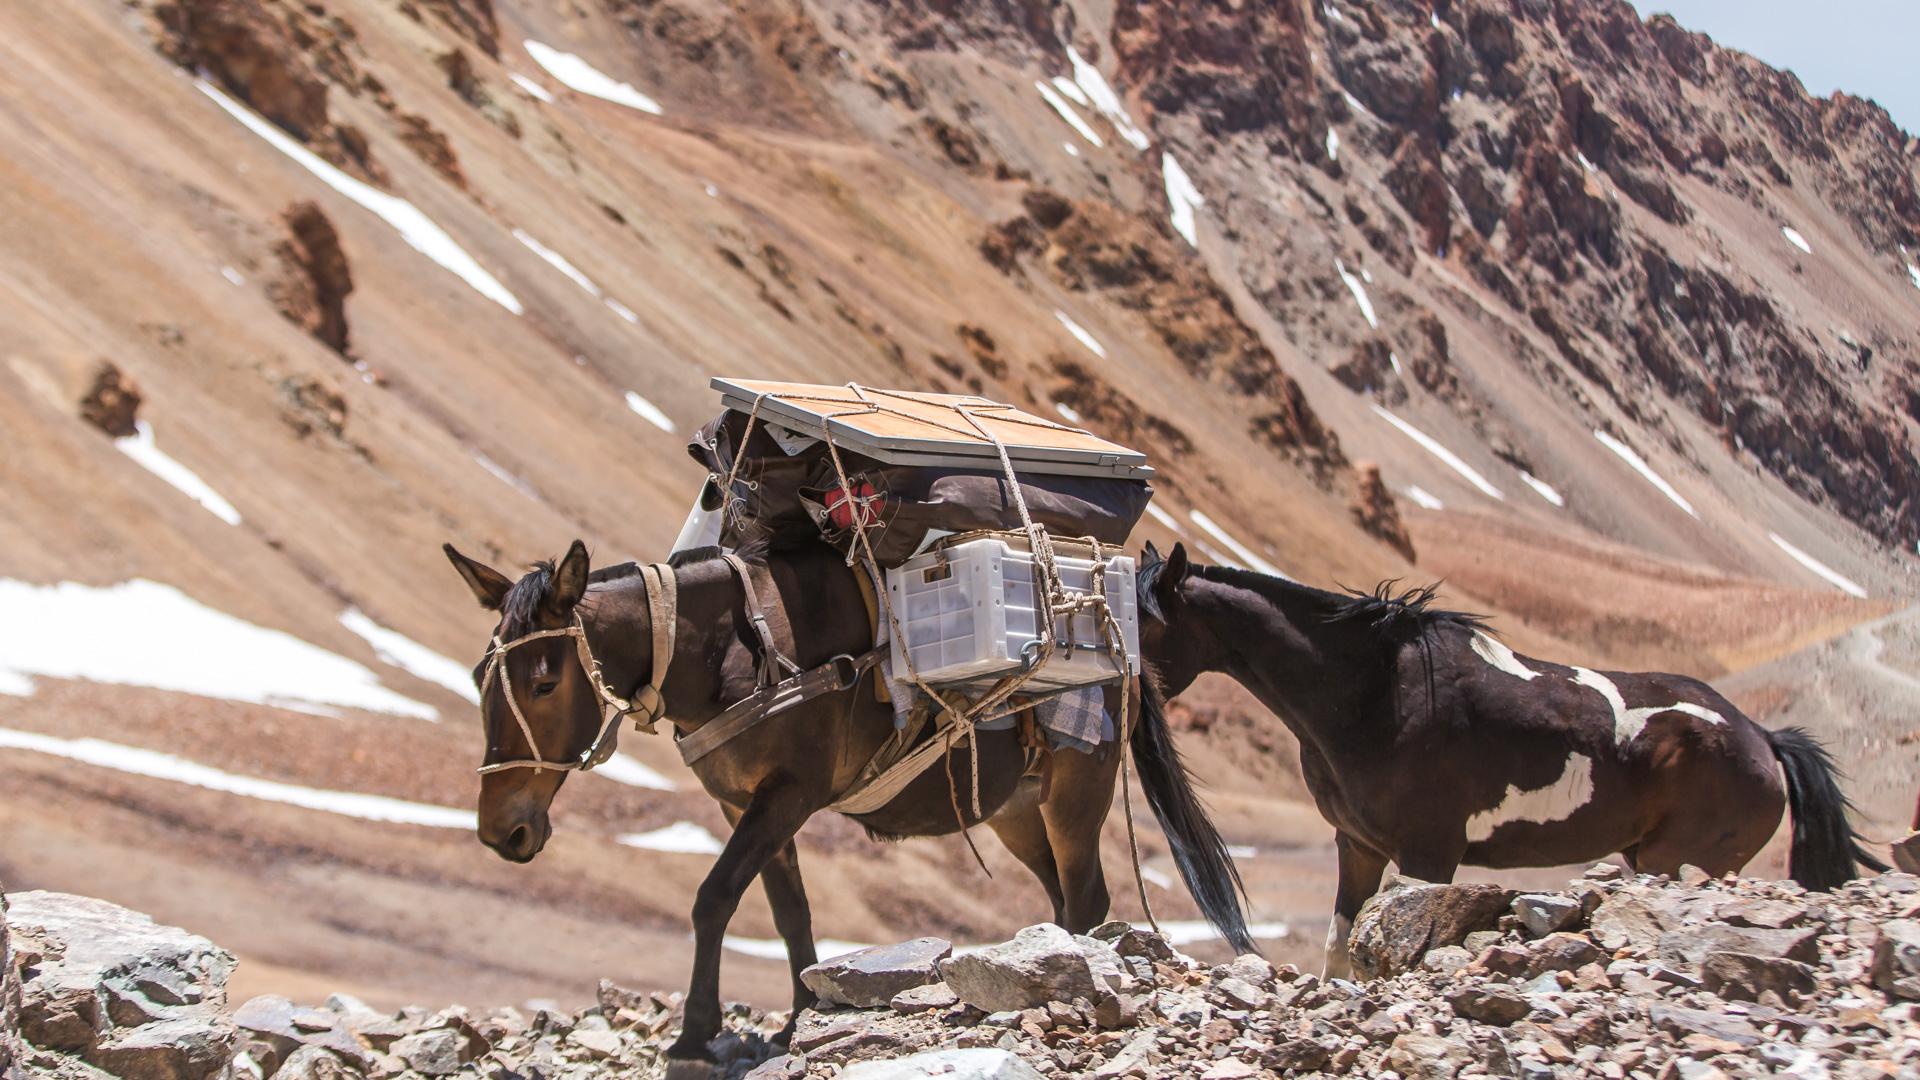 Nasze dzielne muły wchodzą na przełęcz. Andes crossing